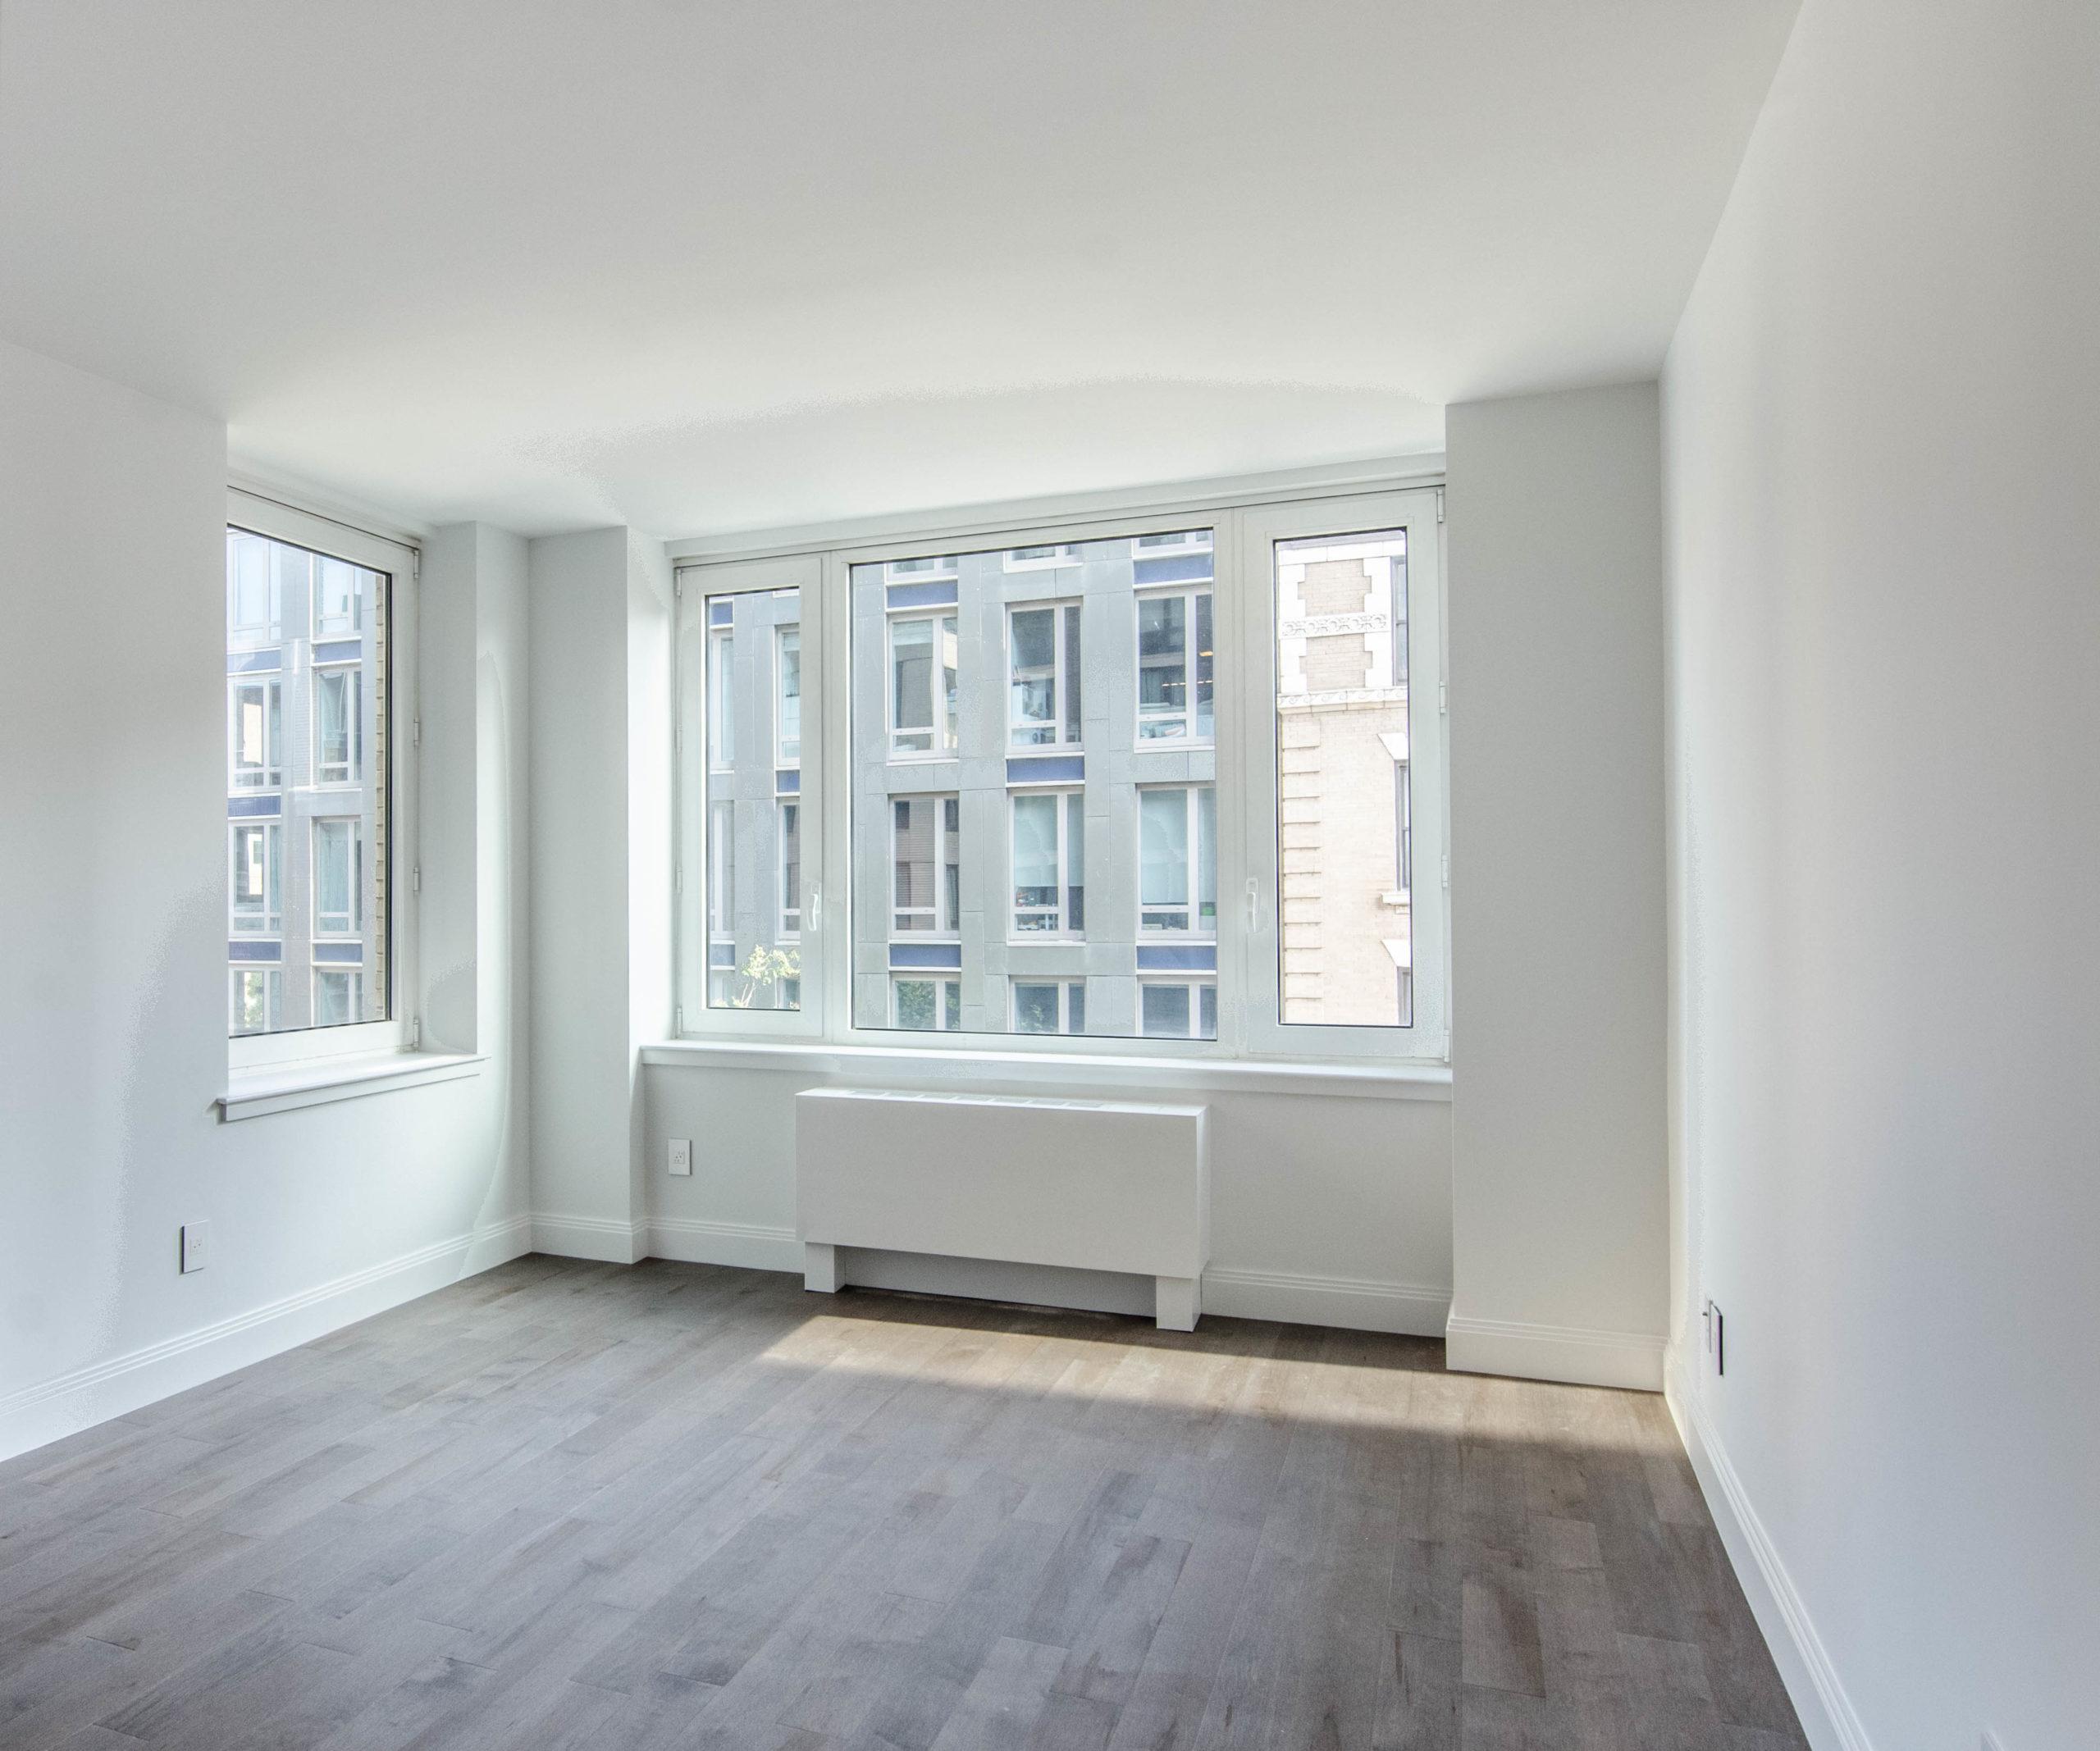 300 East 77th, New York, NY 10017